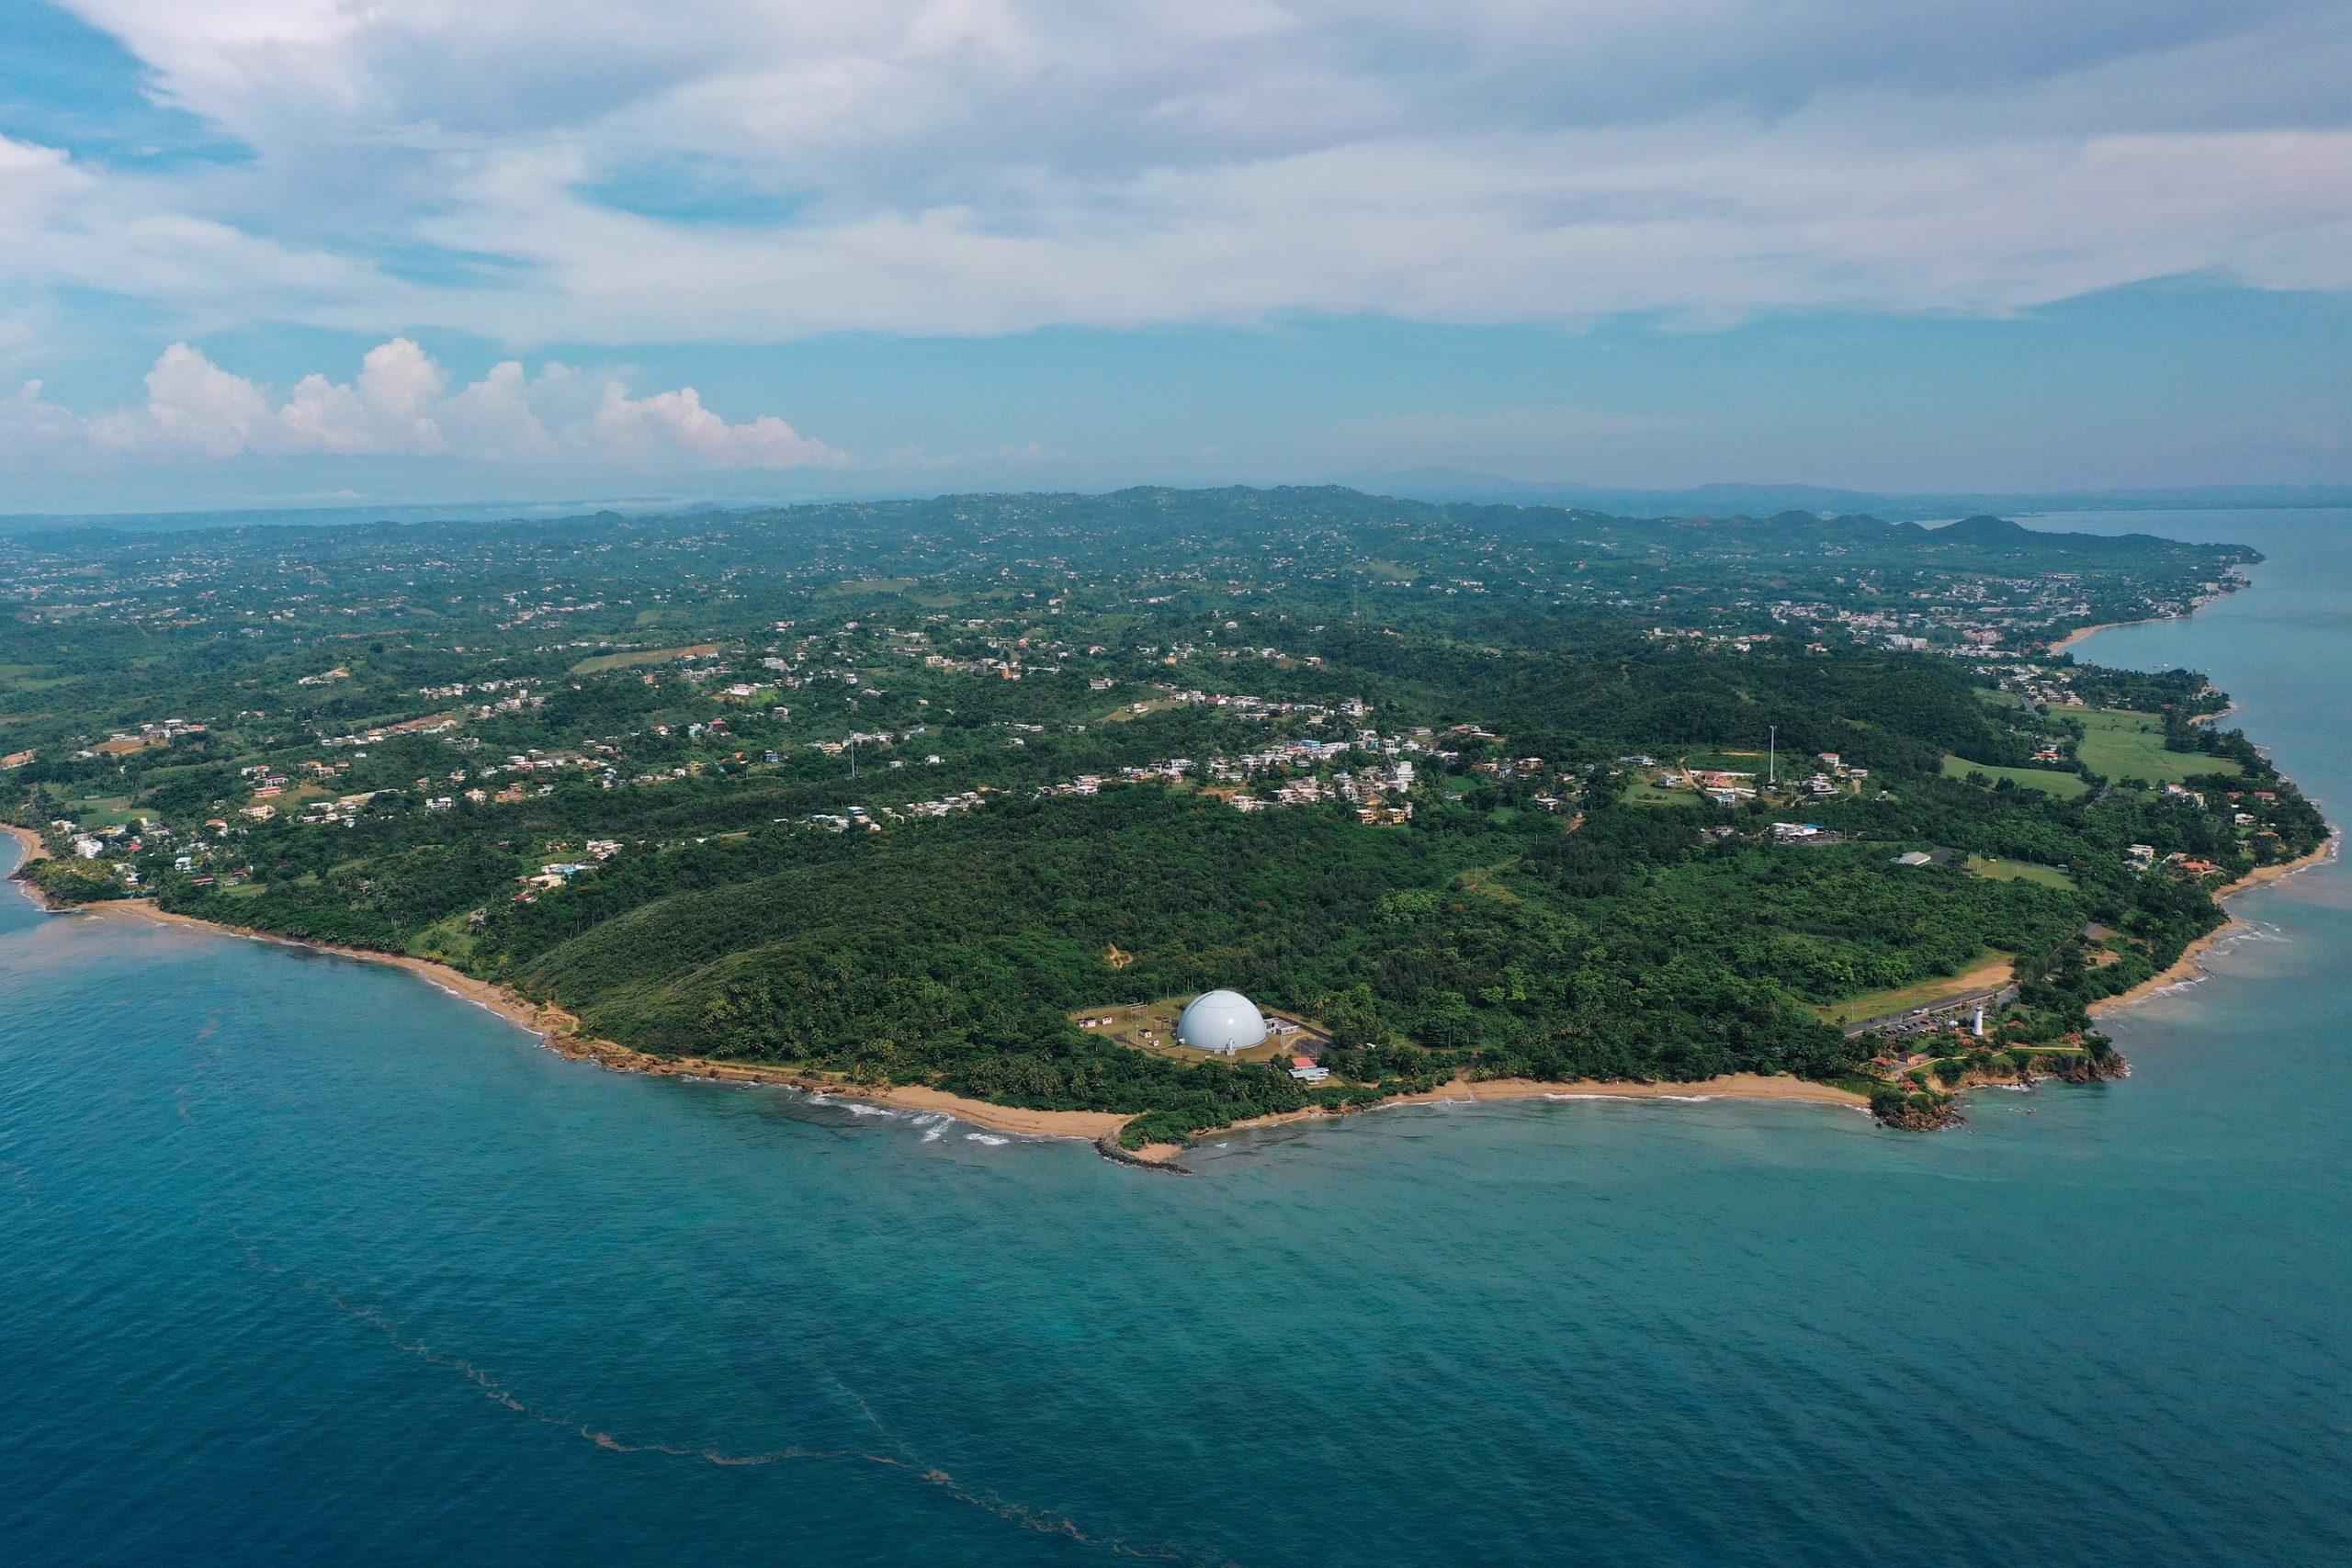 Drone View, Domes, Beach, Rincón, Puerto Rico